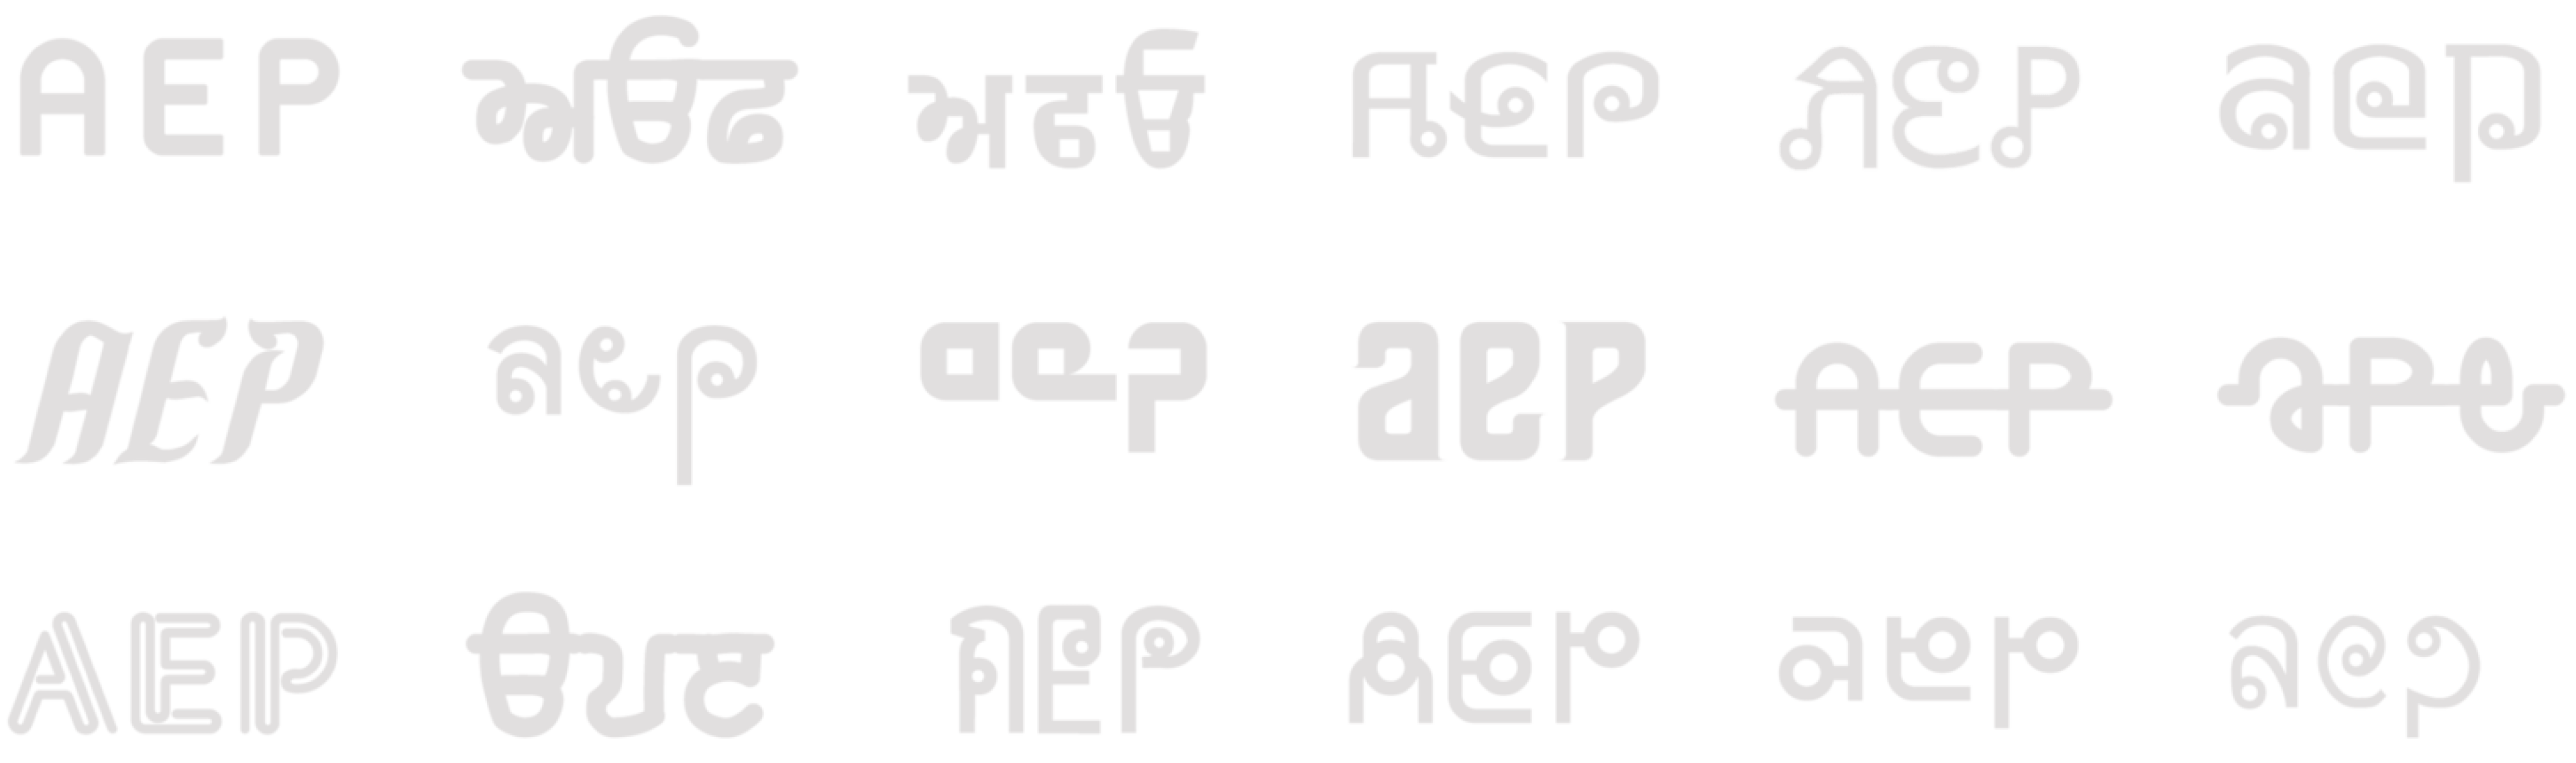 AEP-ProcessLogos